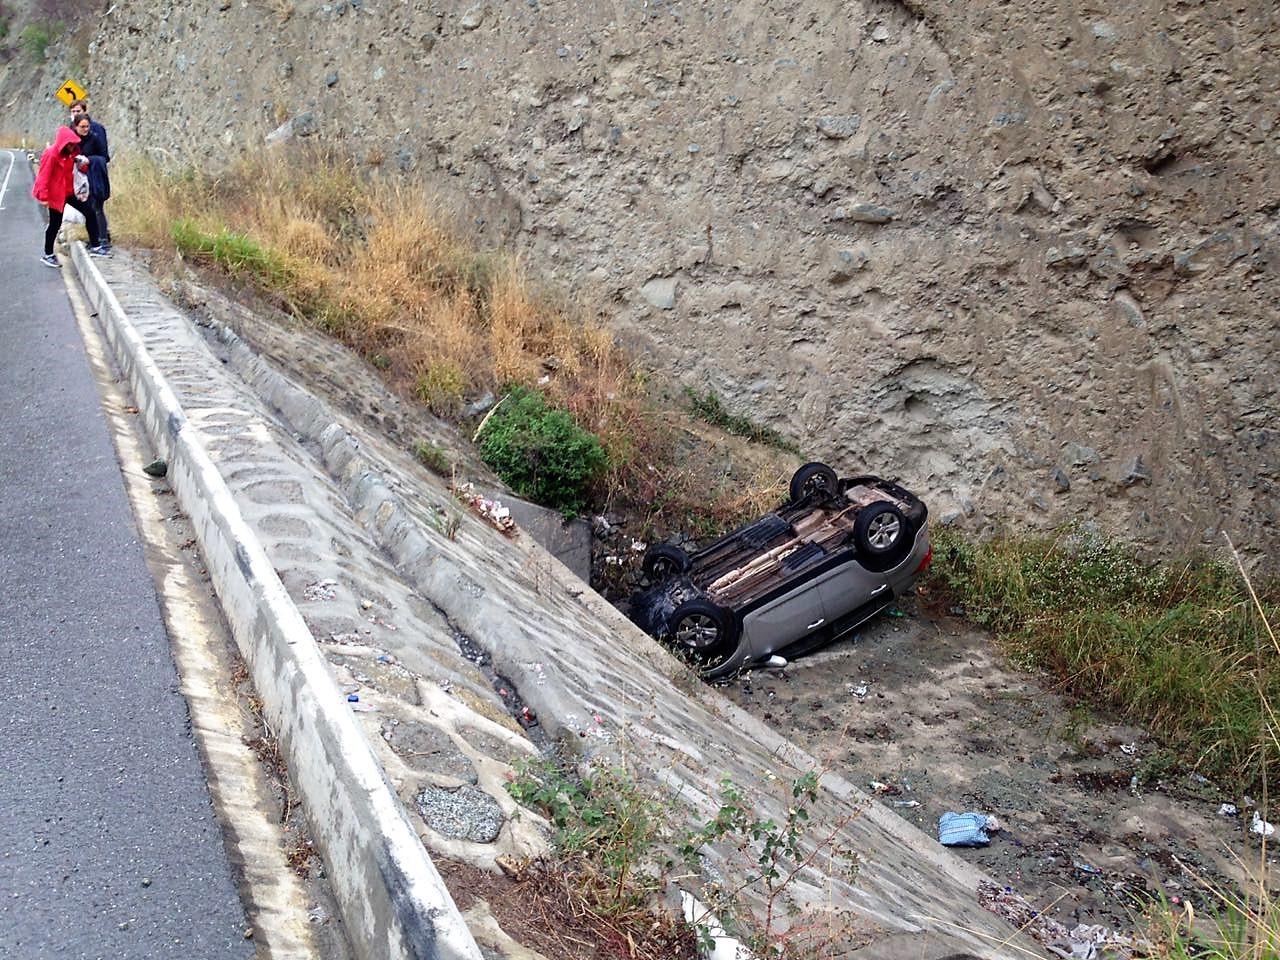 Der Überholende und unser Fahrer konnten zwar den Frontalzusammenstoß vermeiden, allerdings verlor der Unfallverursacher die Kontrolle und überschlug sich.